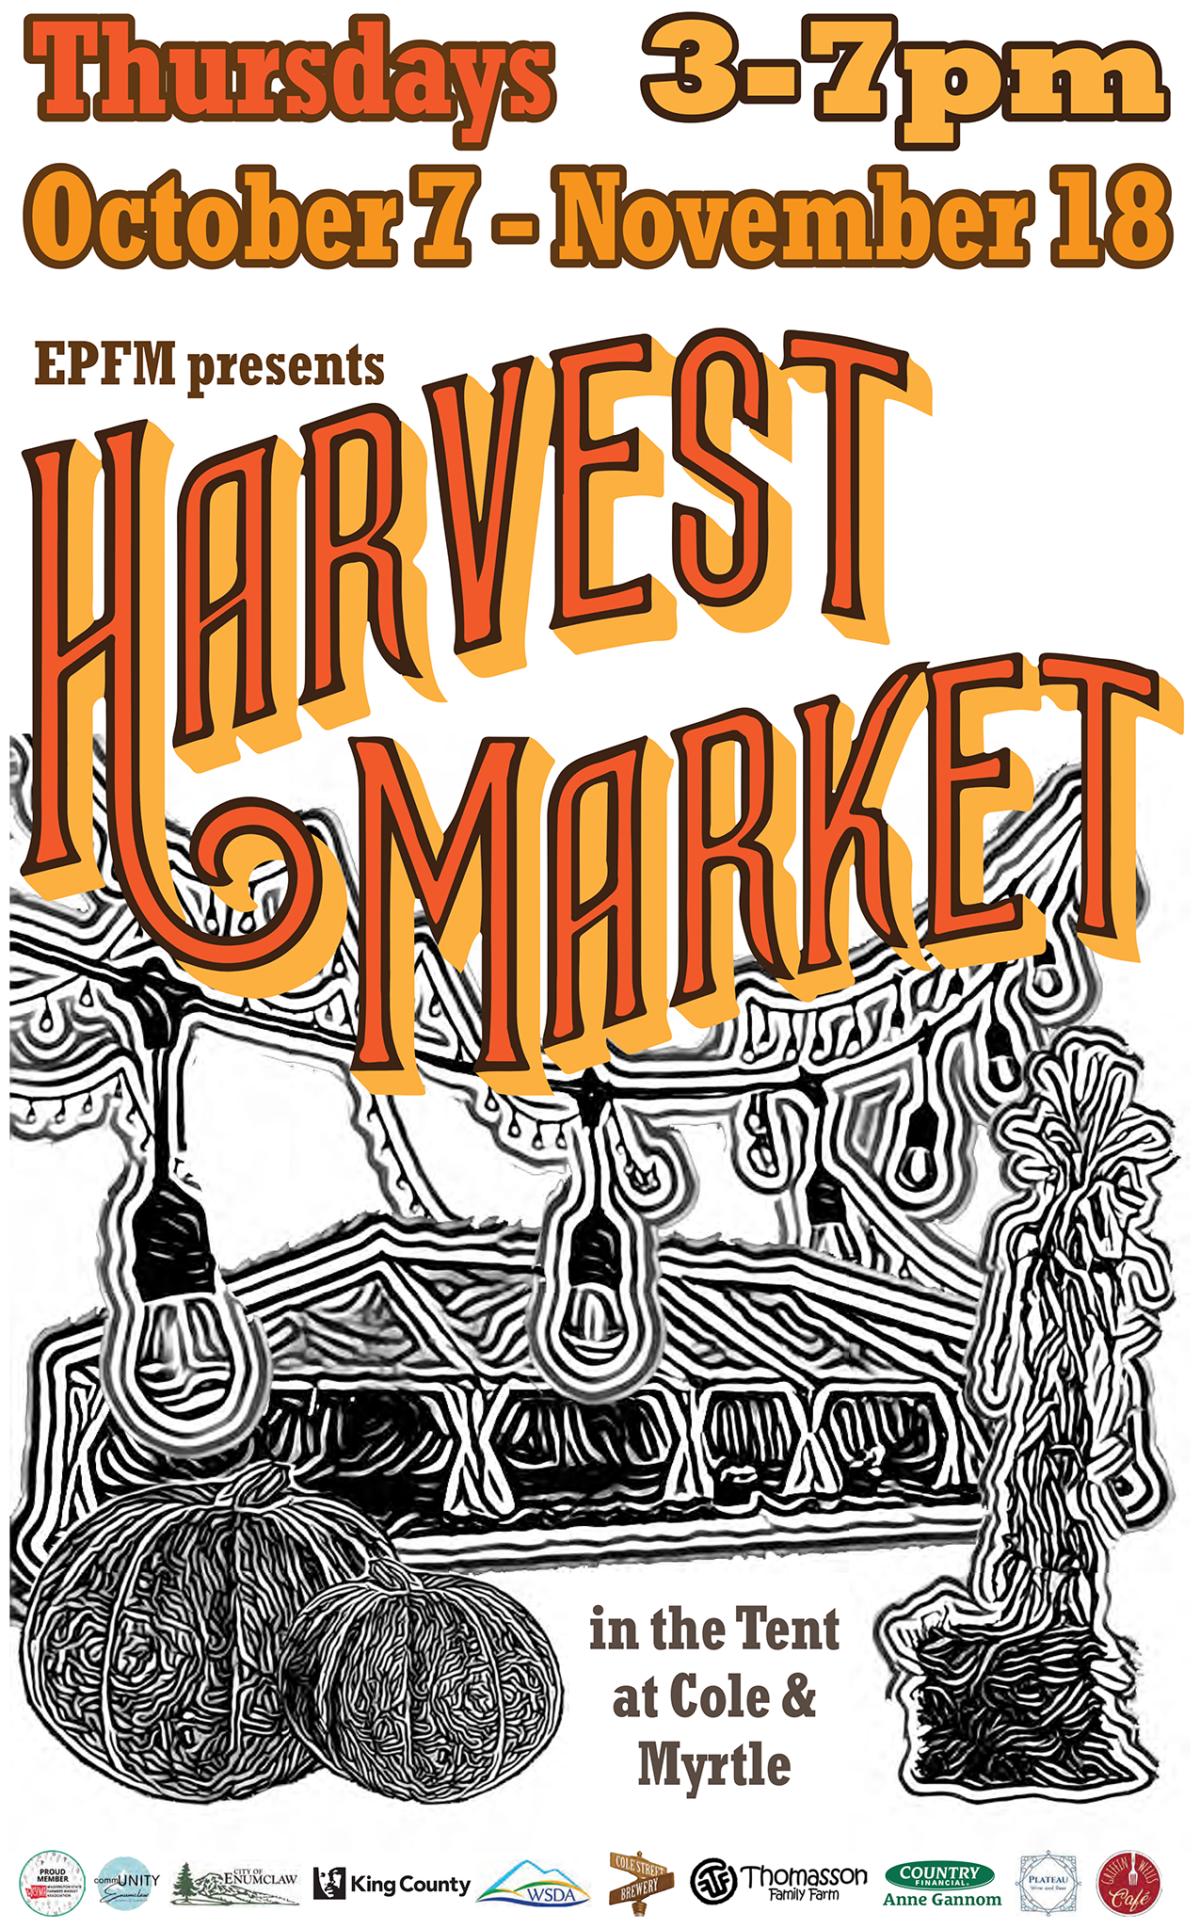 Harvest Market Week 1 Vendor List